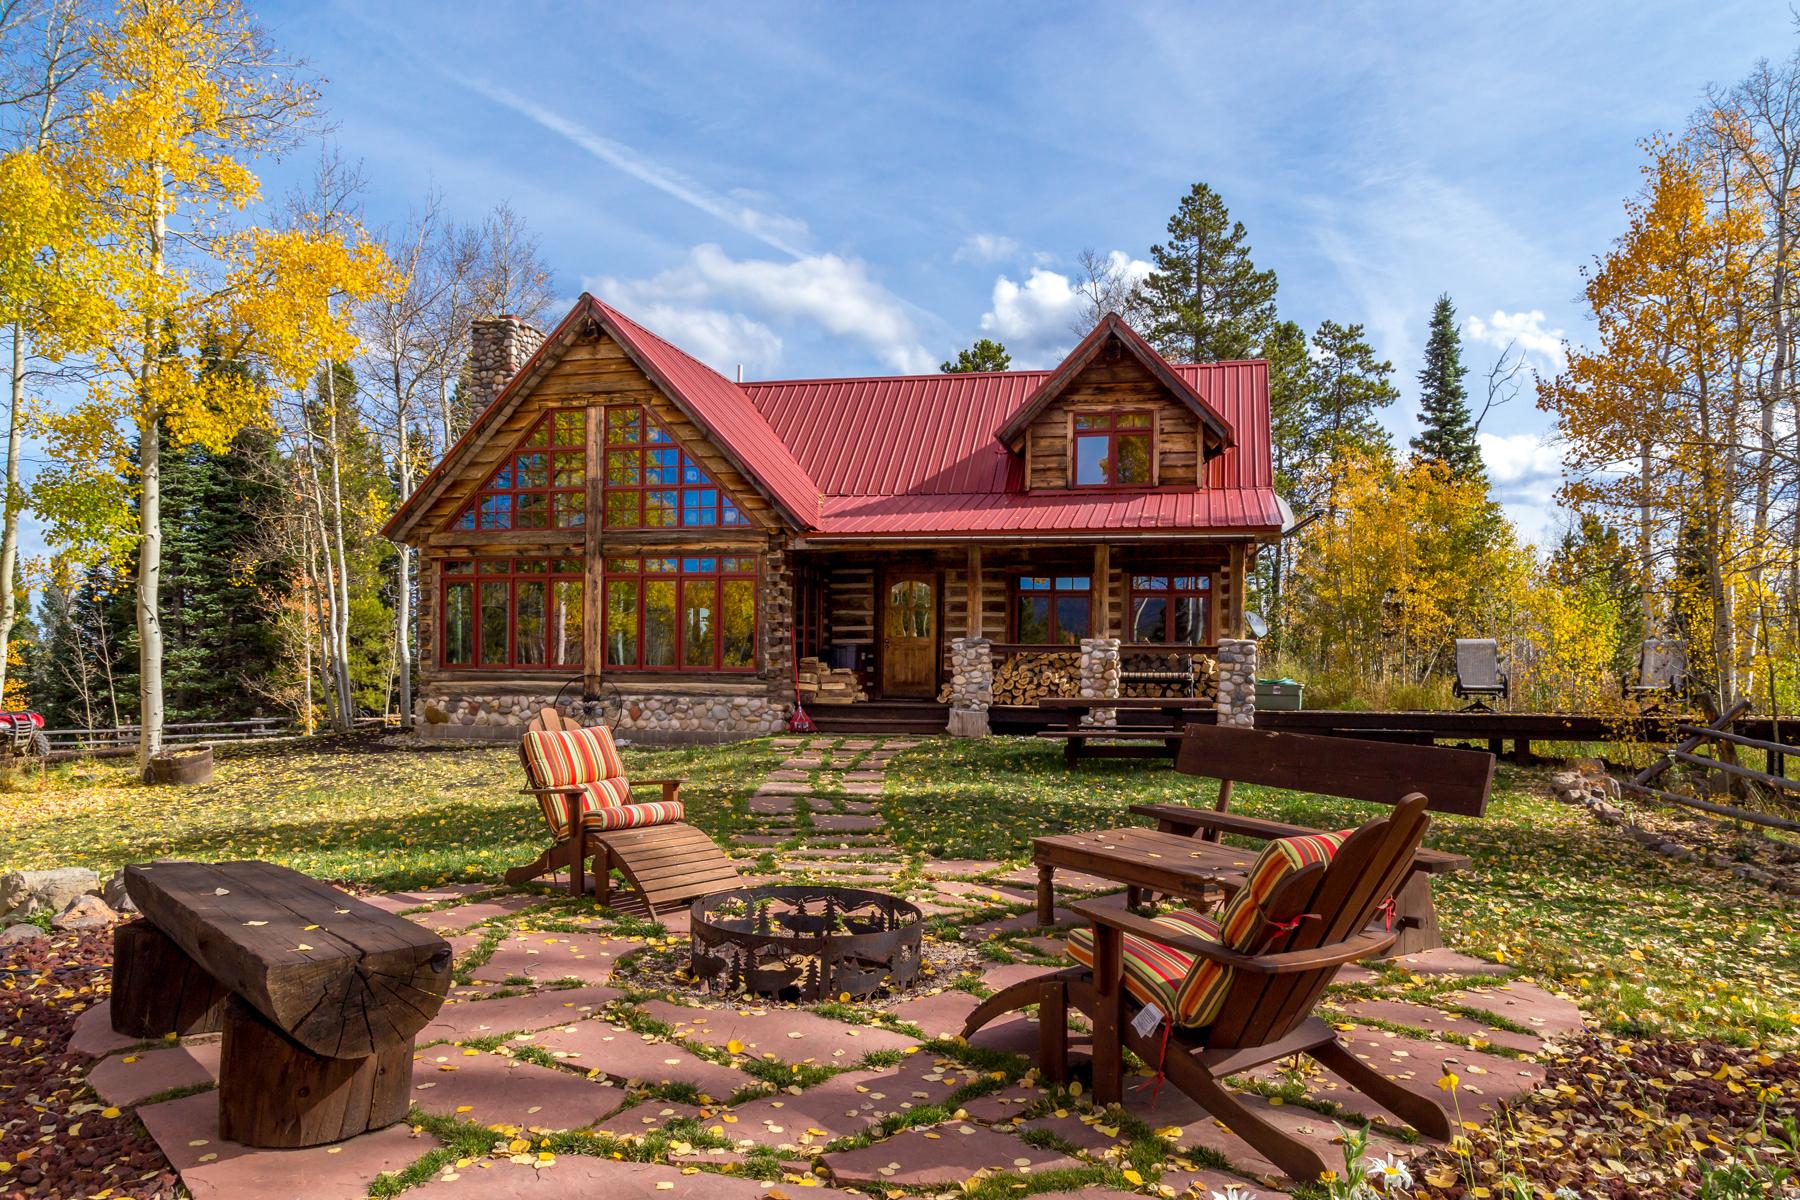 農場 / 牧場 / 種植場 為 出售 在 Stage Stop Ranch 8925 Bearpaw Trail Yampa, 科羅拉多州, 80483 美國